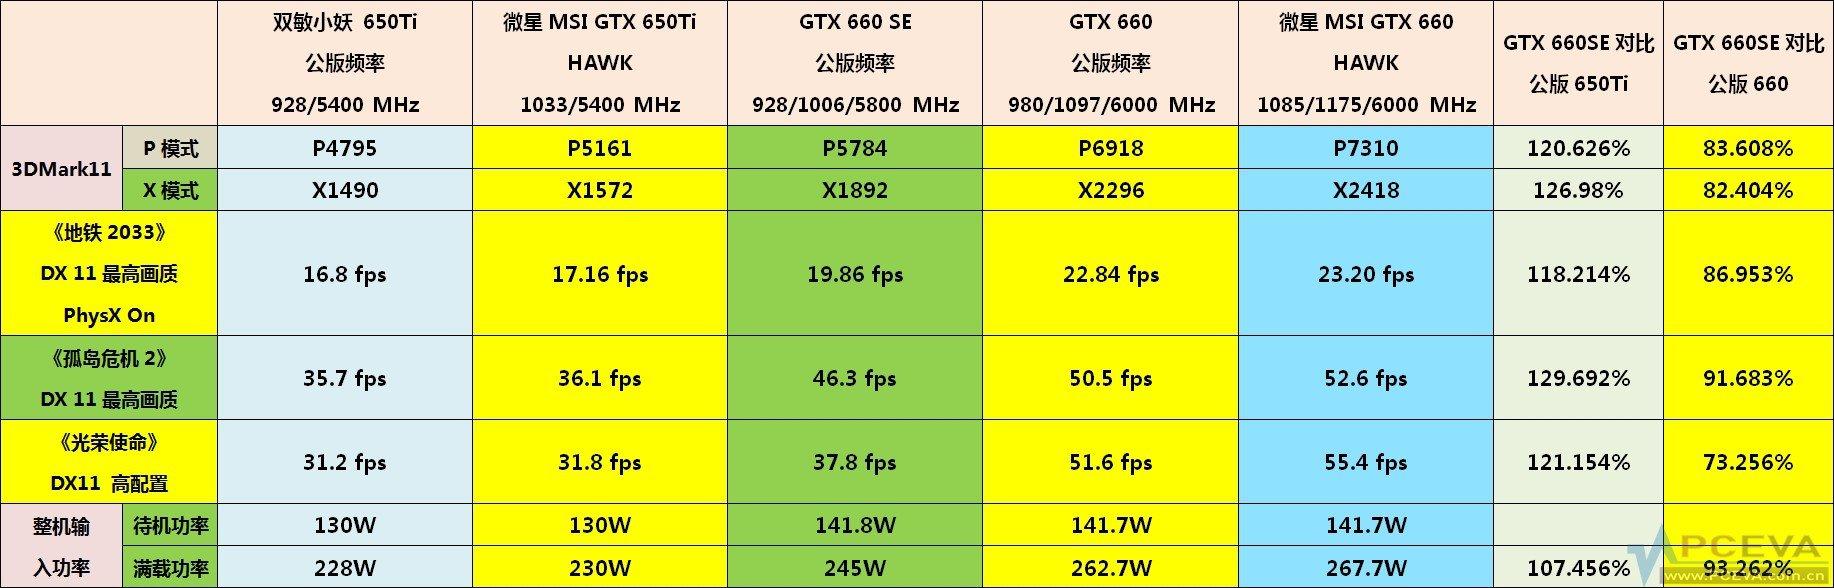 Vergleich zur GTX 650 Ti und GTX 660